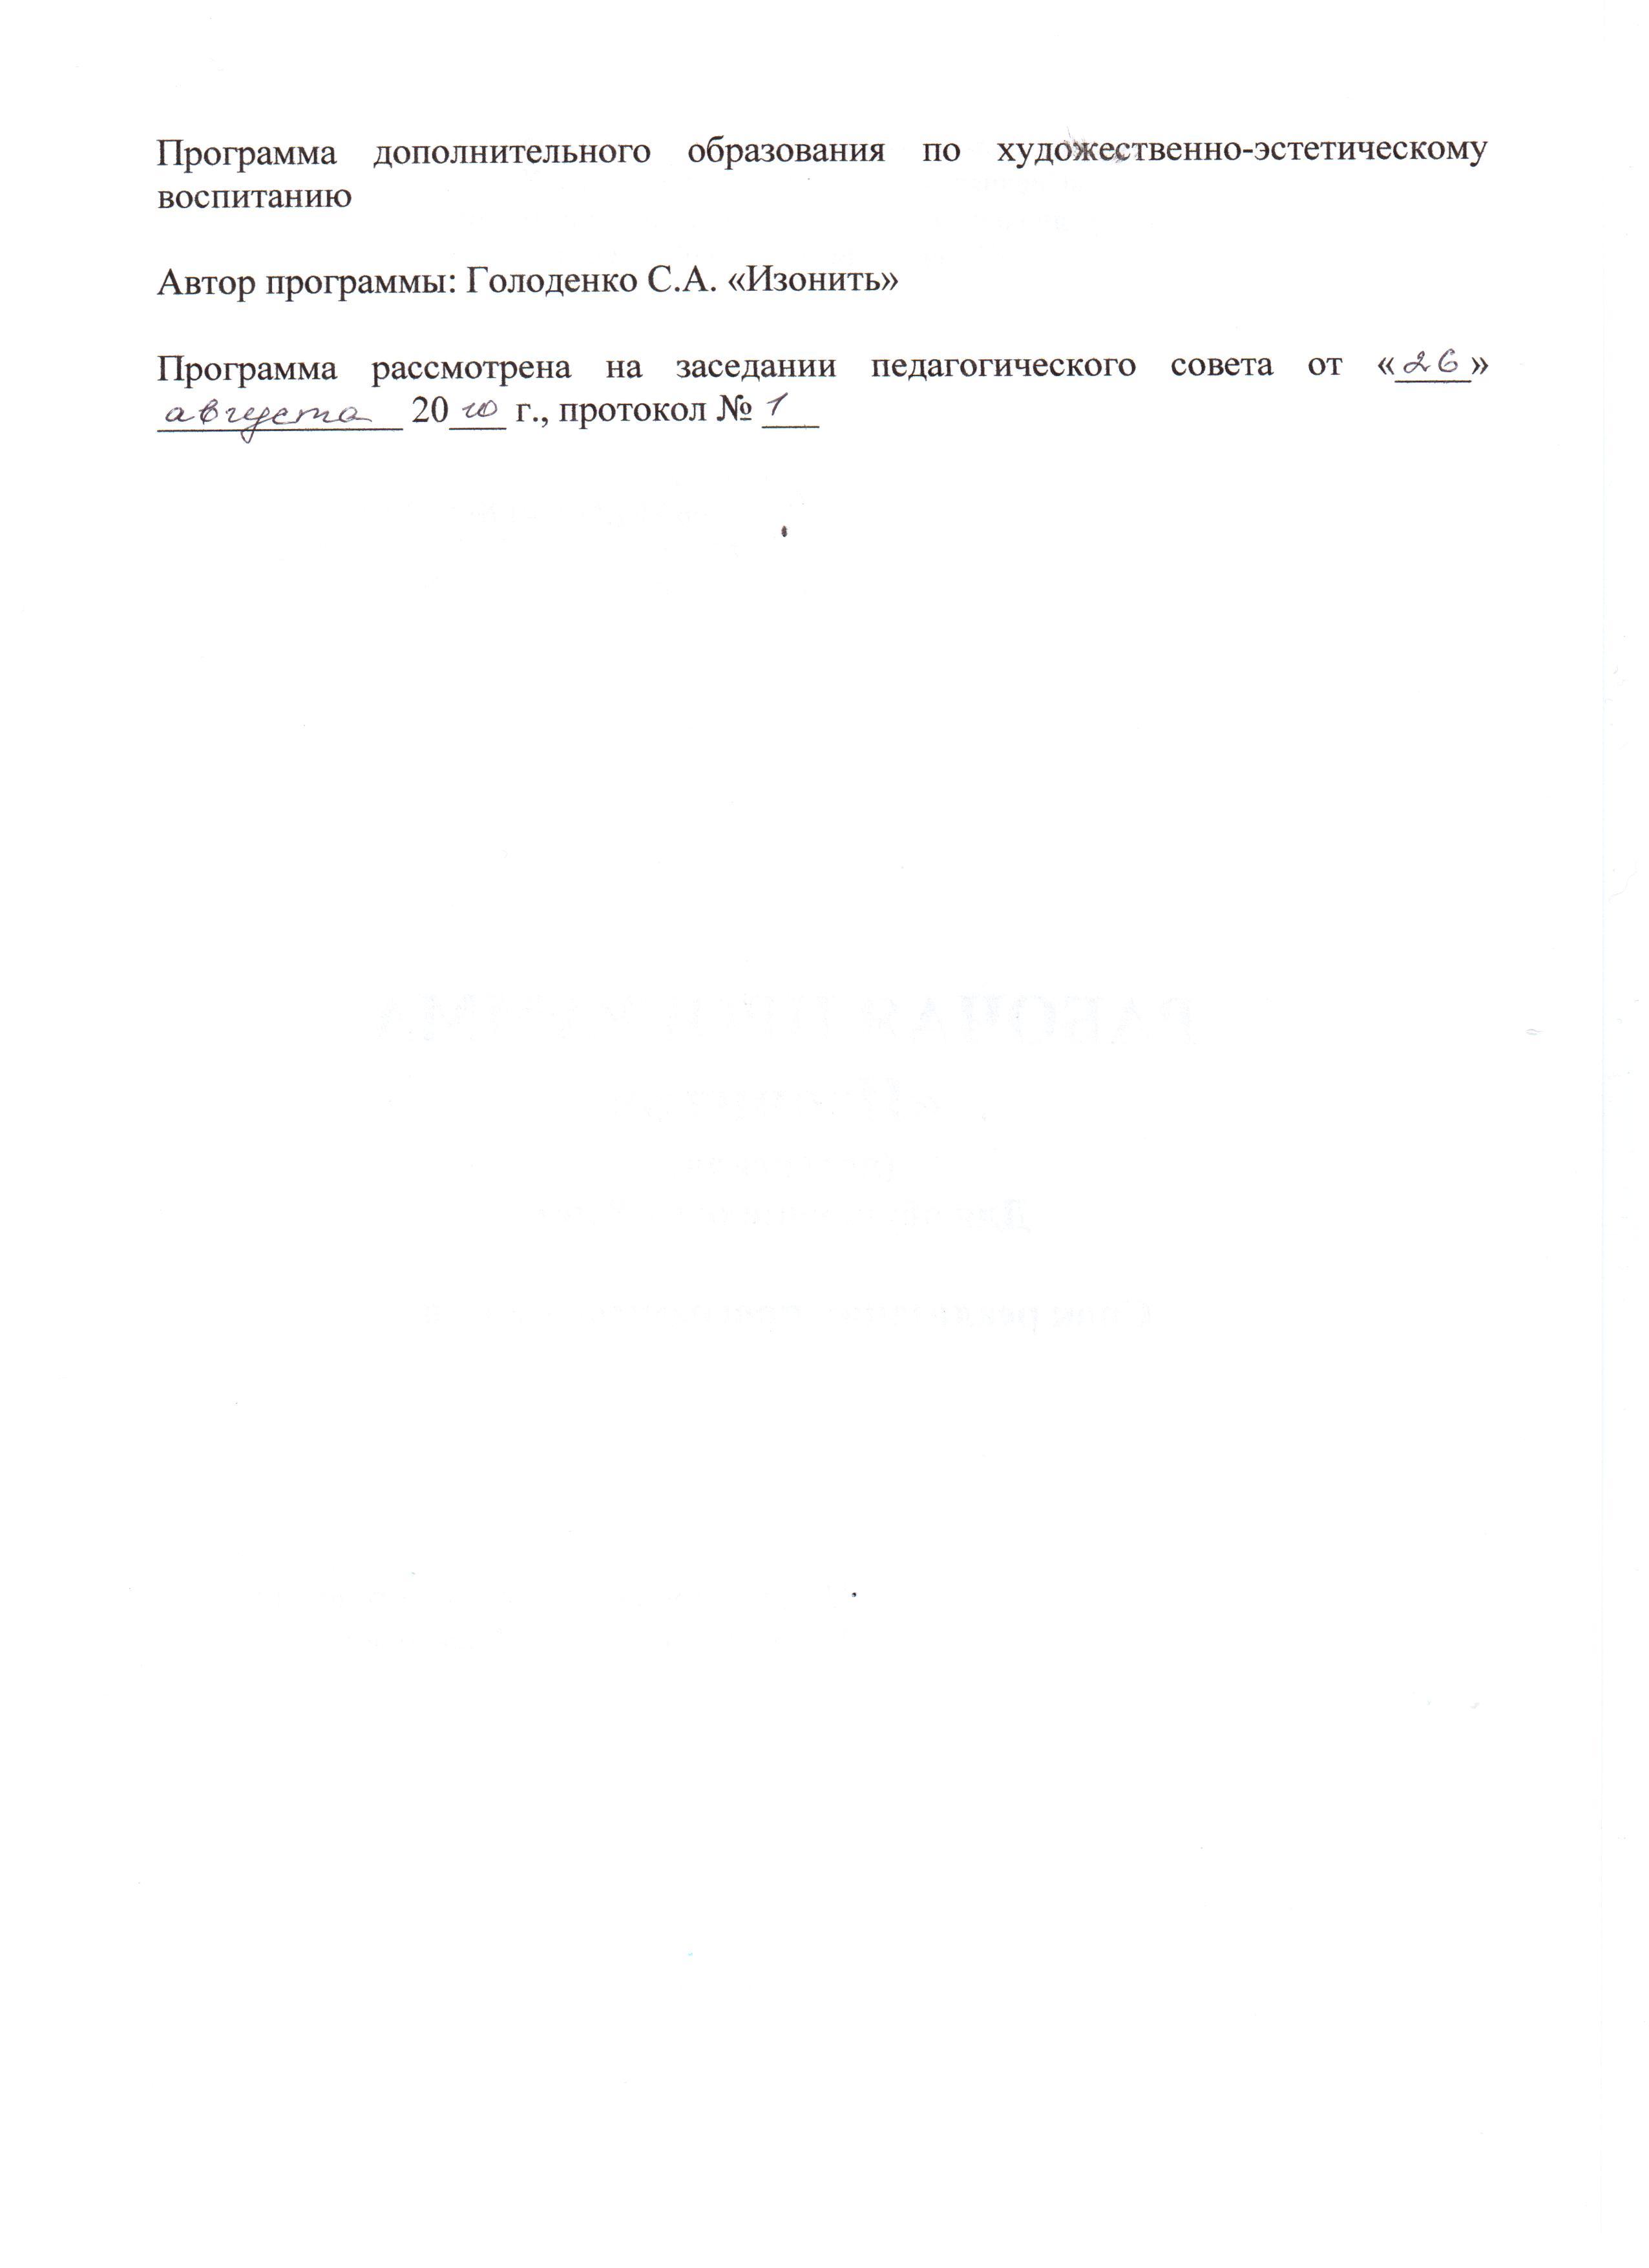 hello_html_m5f8da843.jpg